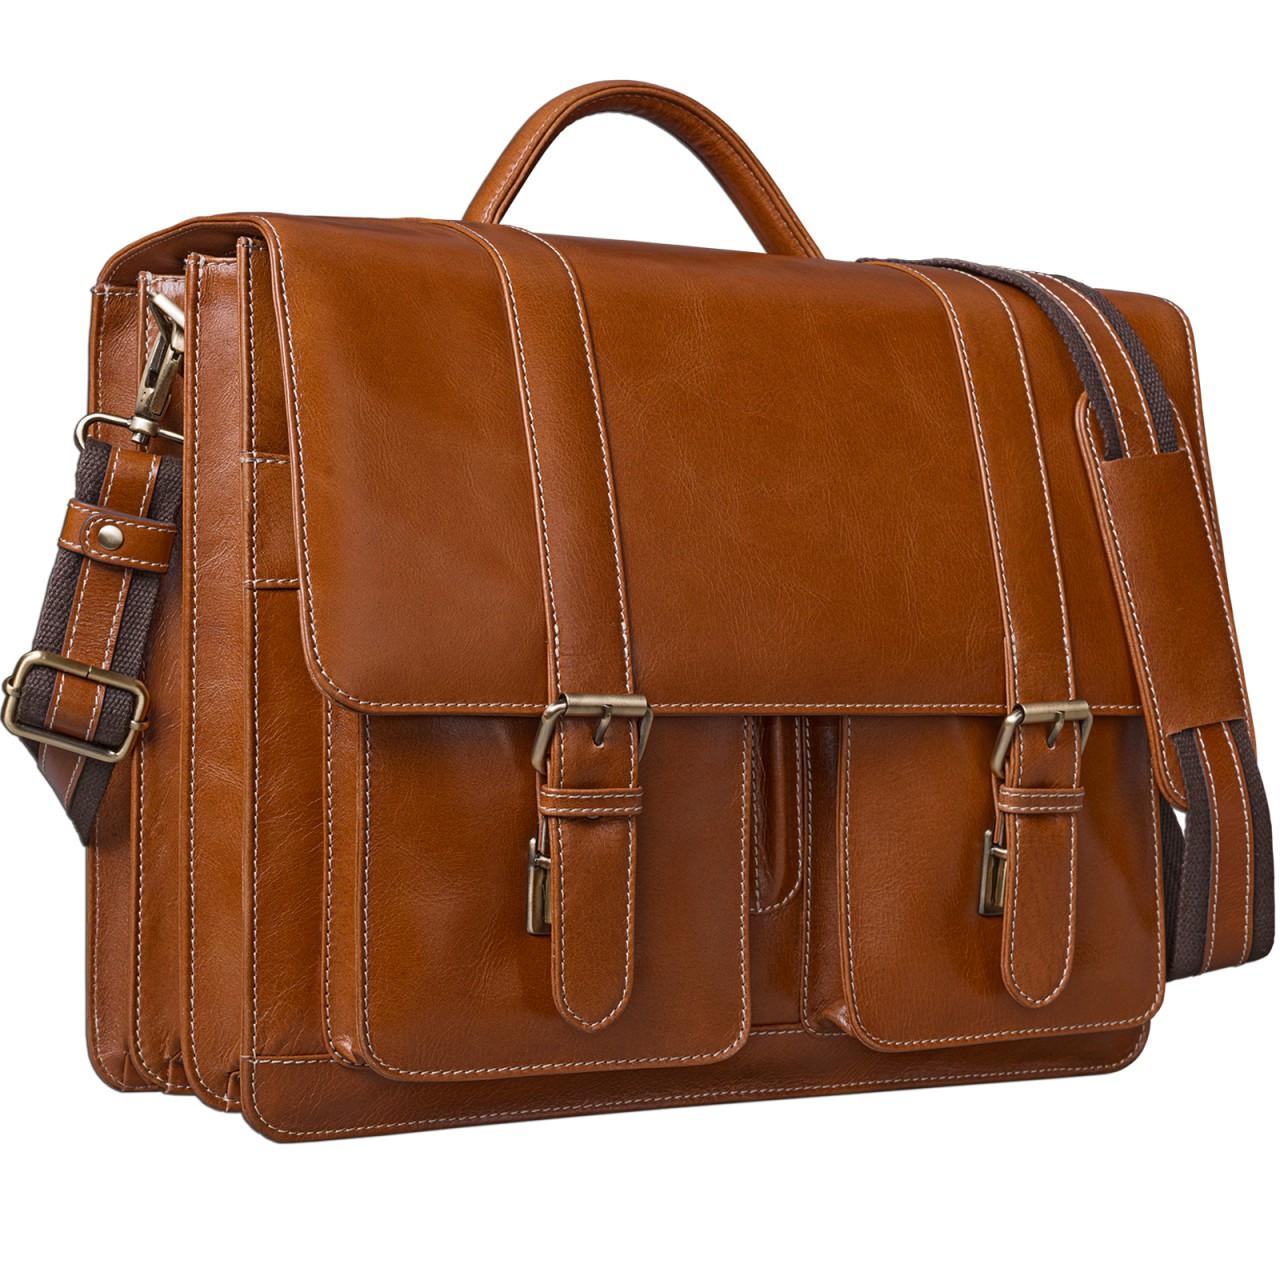 STILORD Vintage Aktentasche zum Umhängen 15.6 Zoll - Business Umhängetasche ideal für Lehrer und Büro, Rinds Leder braun - Bild 1